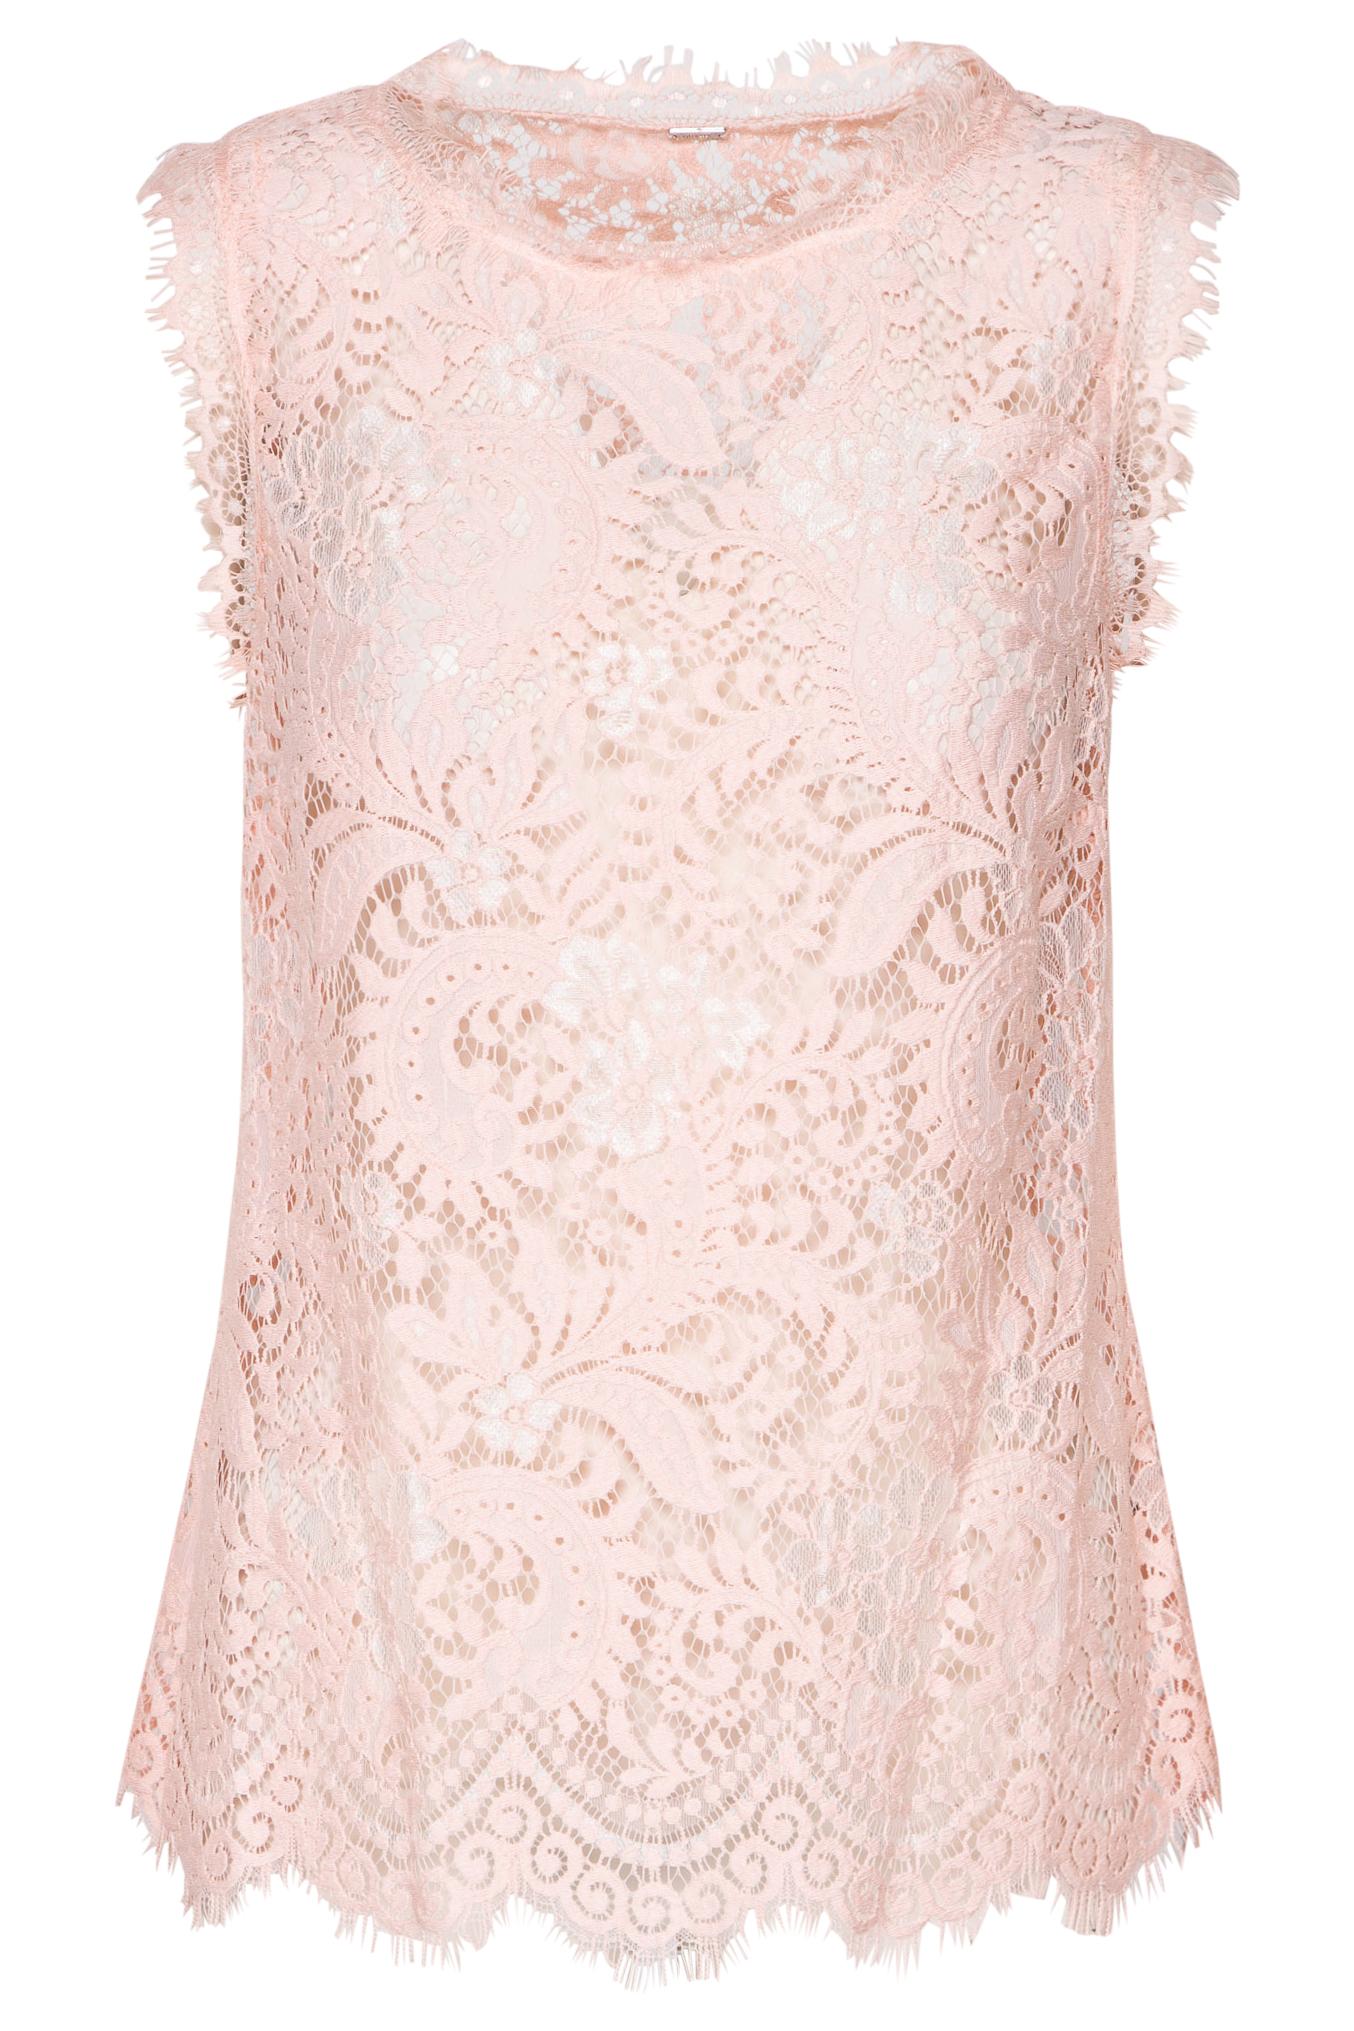 Roze kanten dames top Gustav - 10742-23601